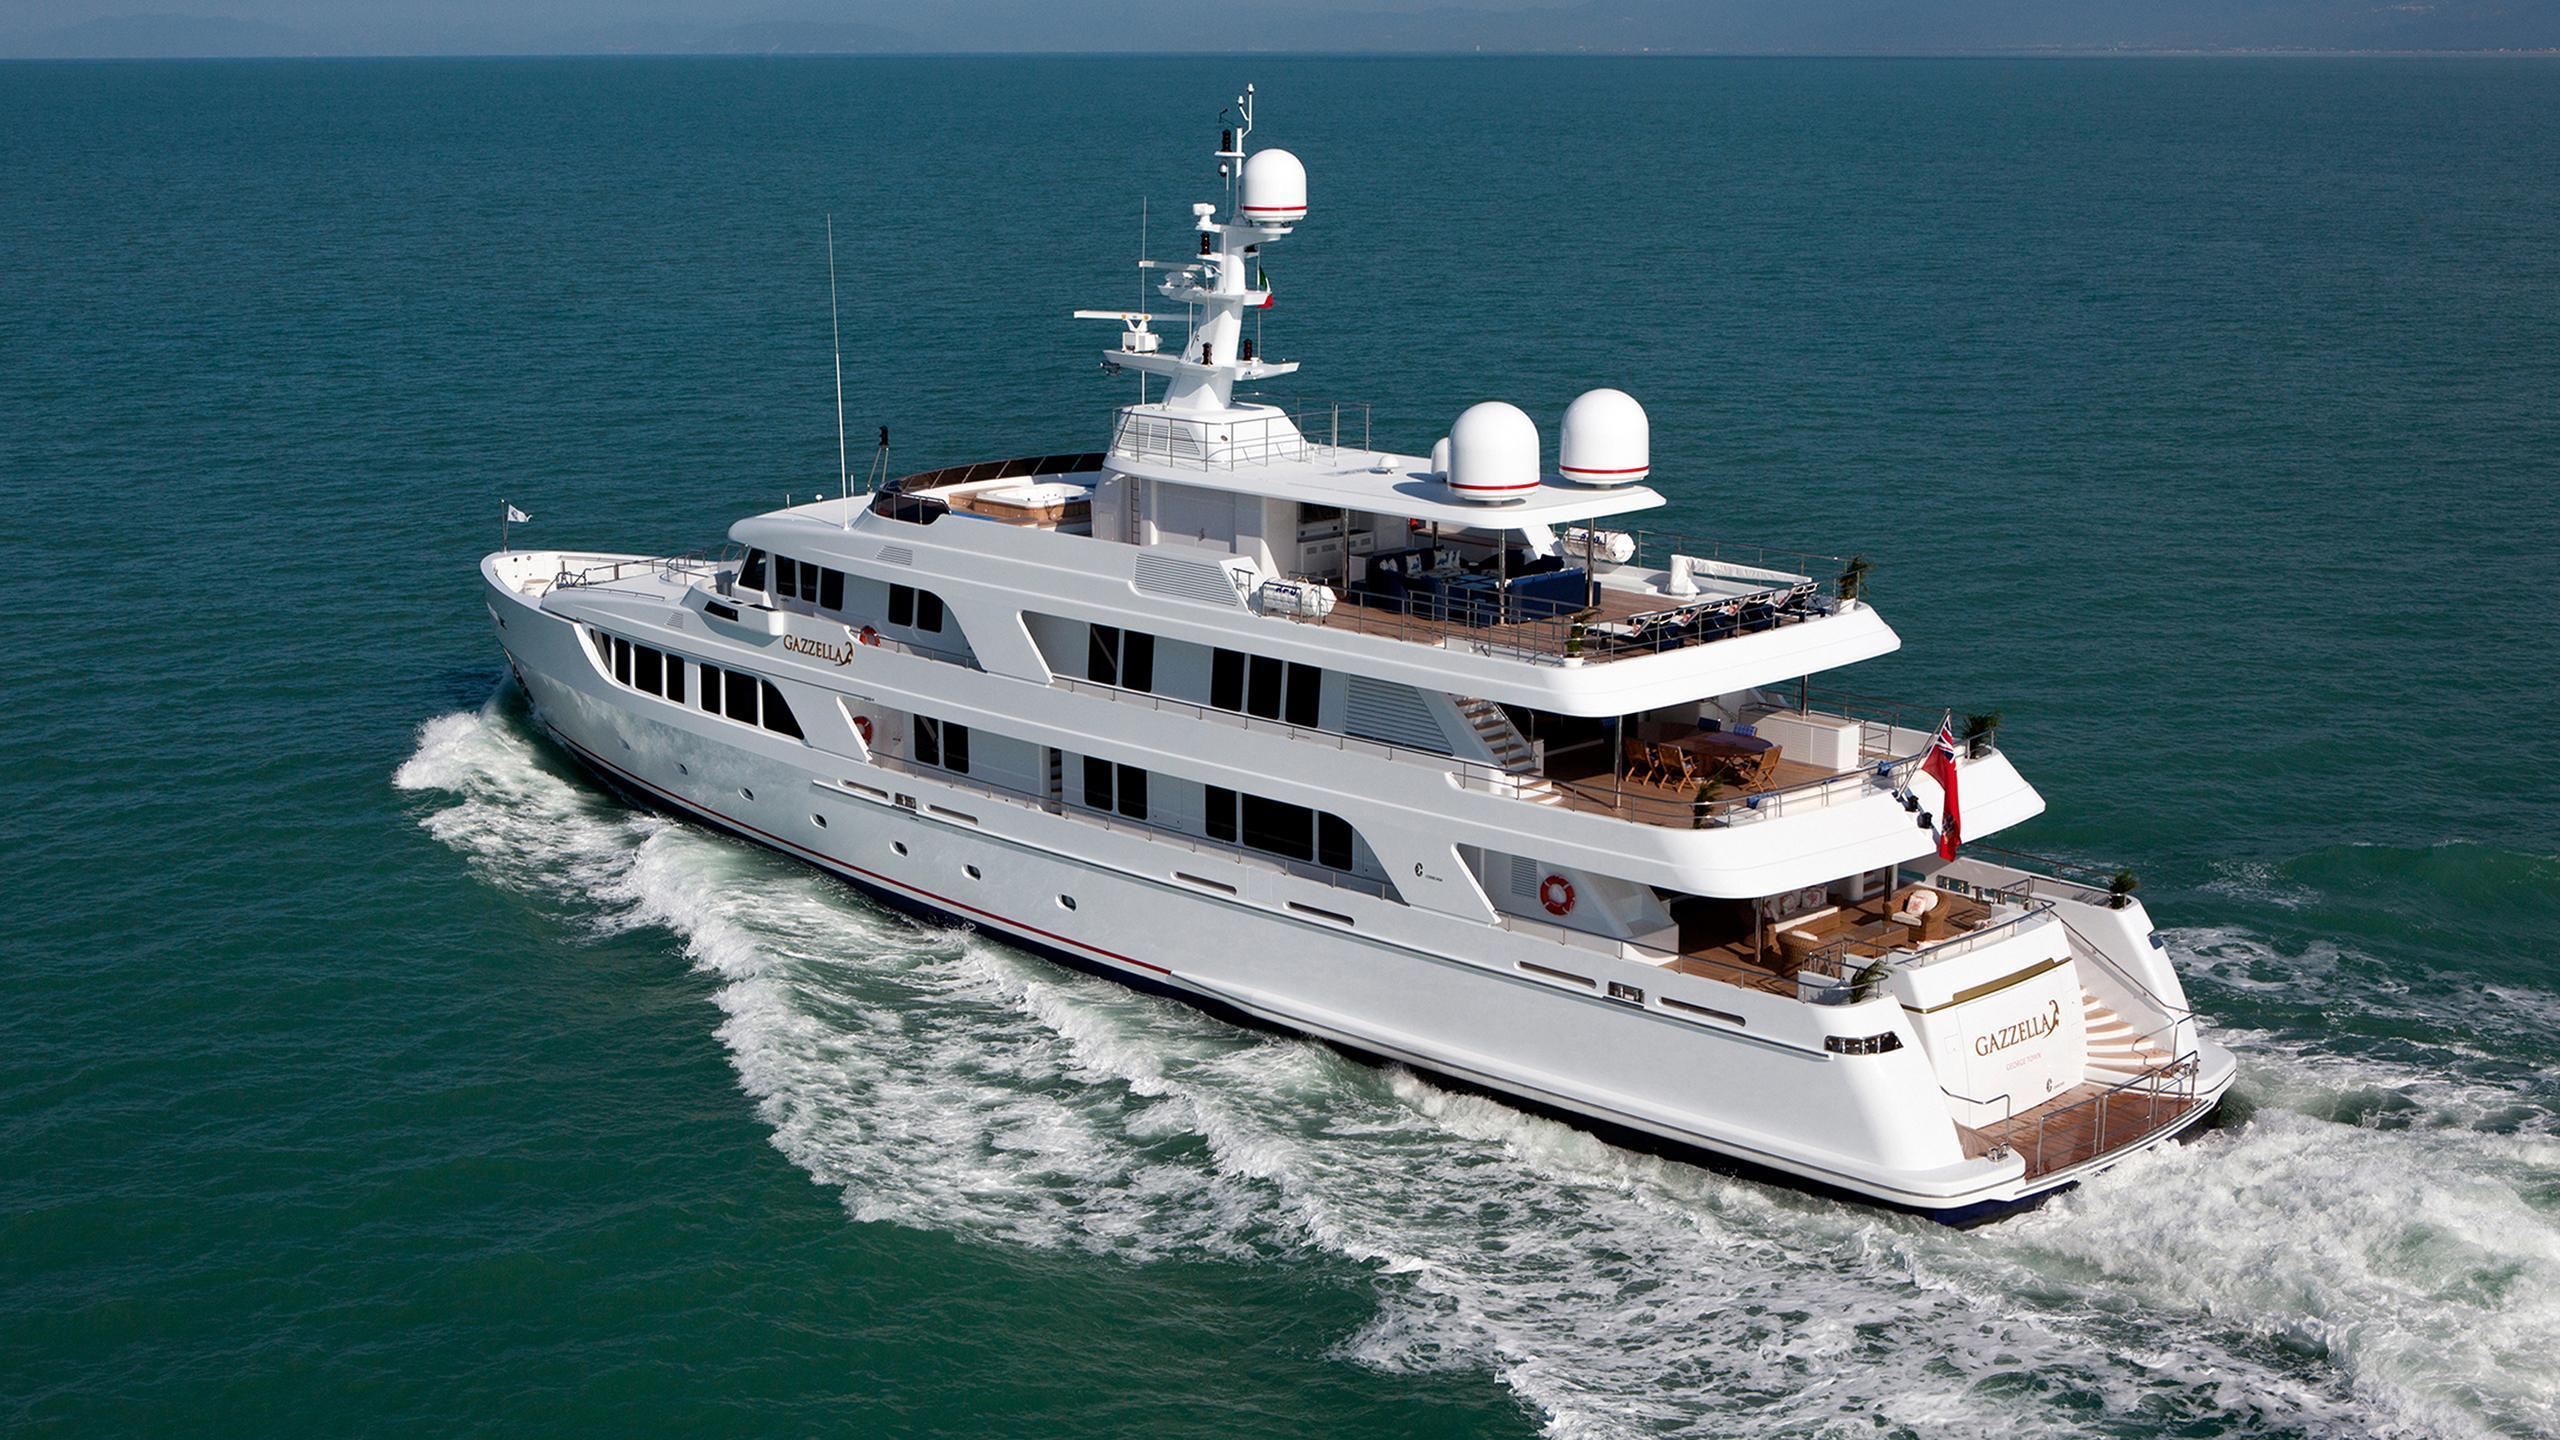 gazzella-motor-yacht-codecasa-2015-50m-aerial